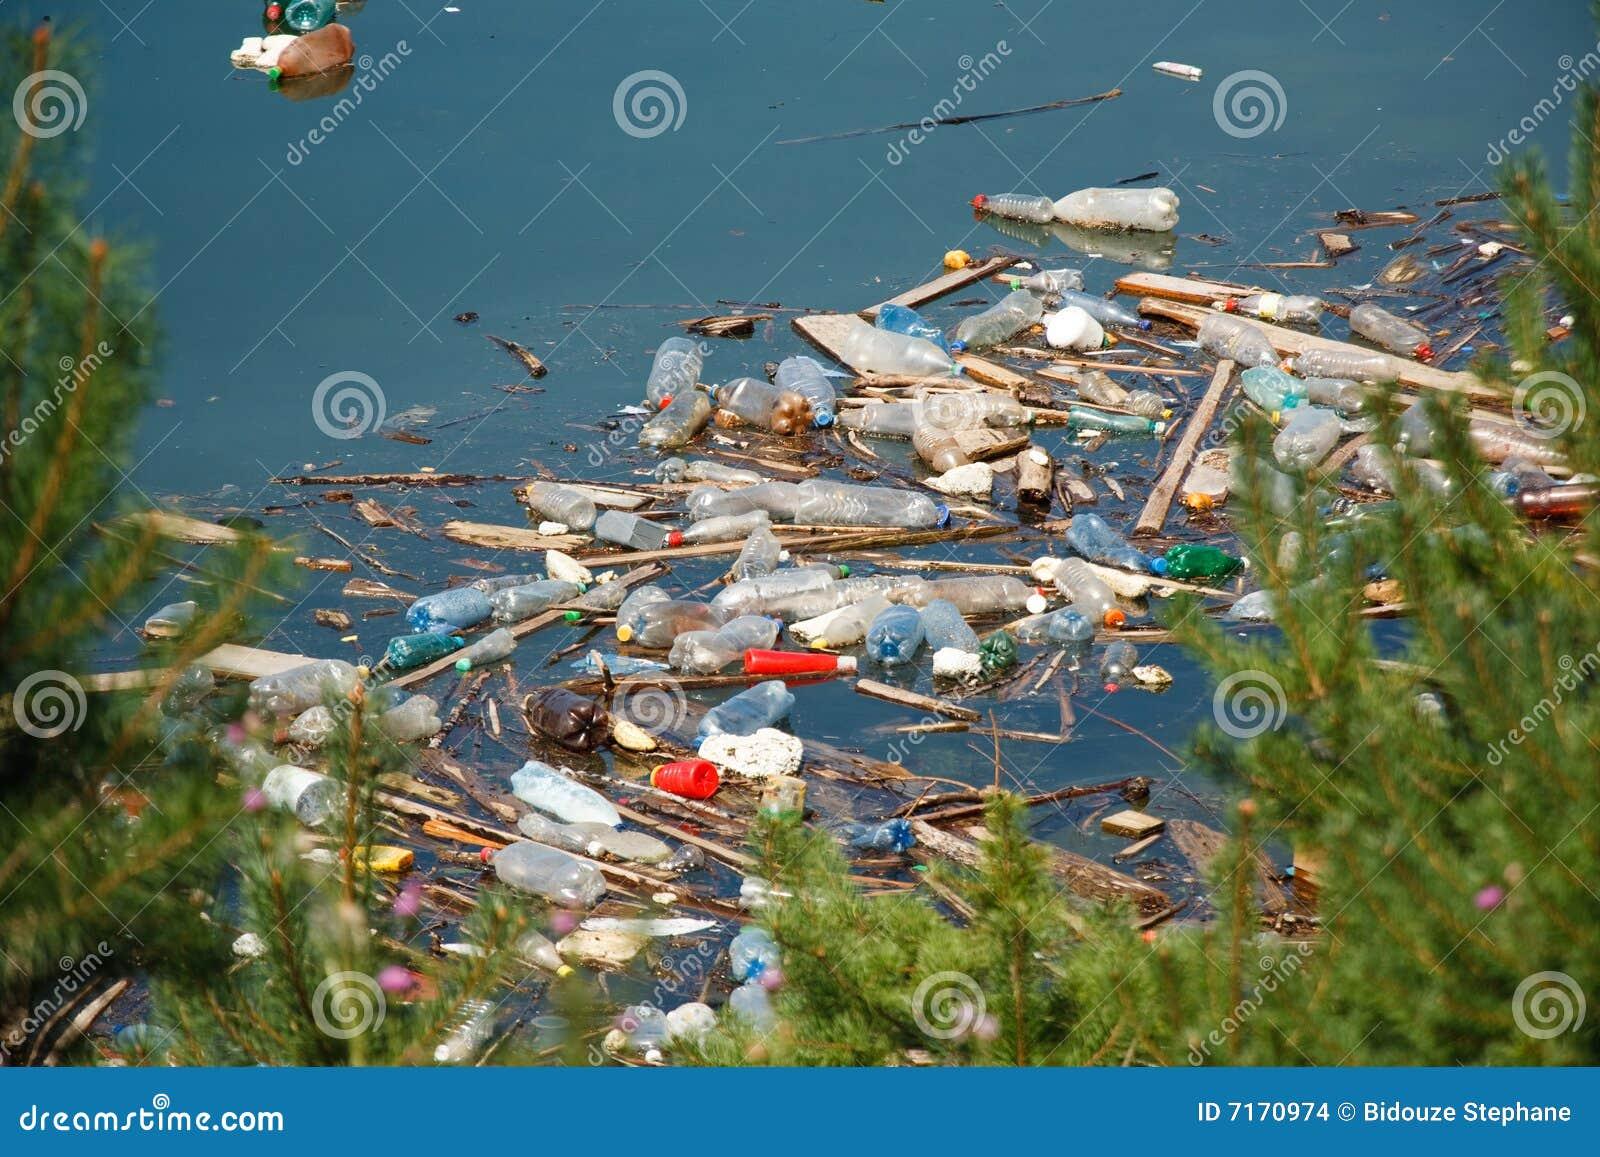 ύδωρ ρύπανσης